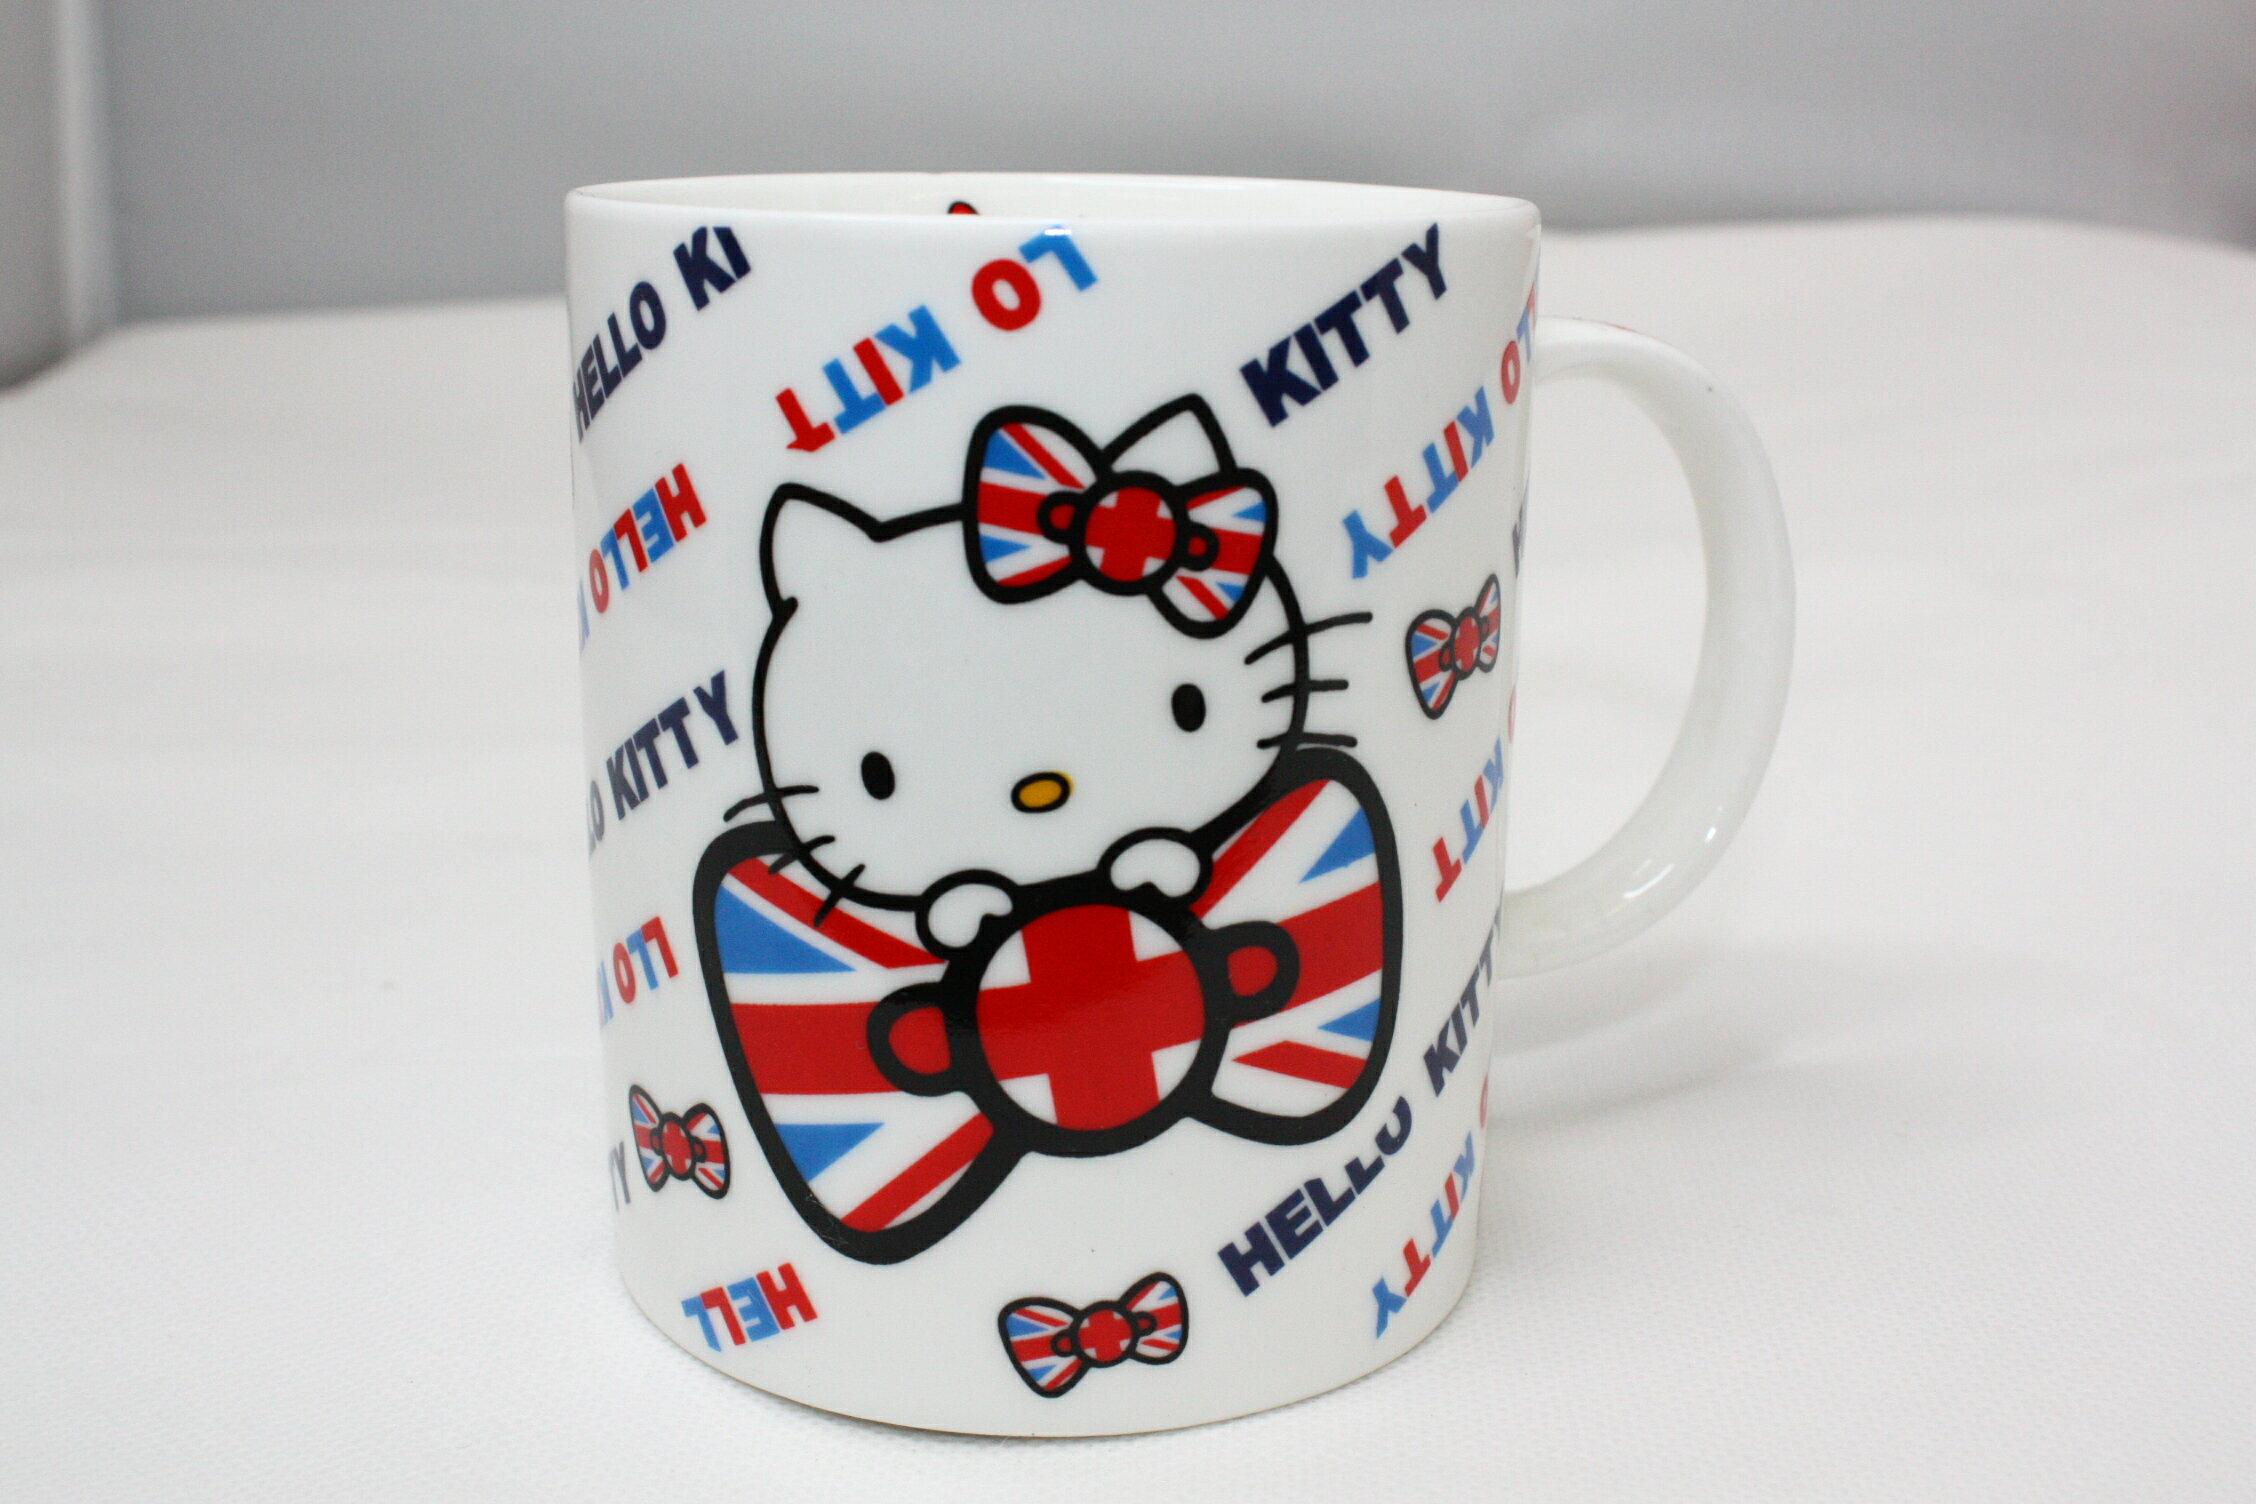 大賀屋 Hello kitty 英國 奧運 陶瓷 馬克杯 陶瓷杯 杯子 對杯 凱蒂貓 KT